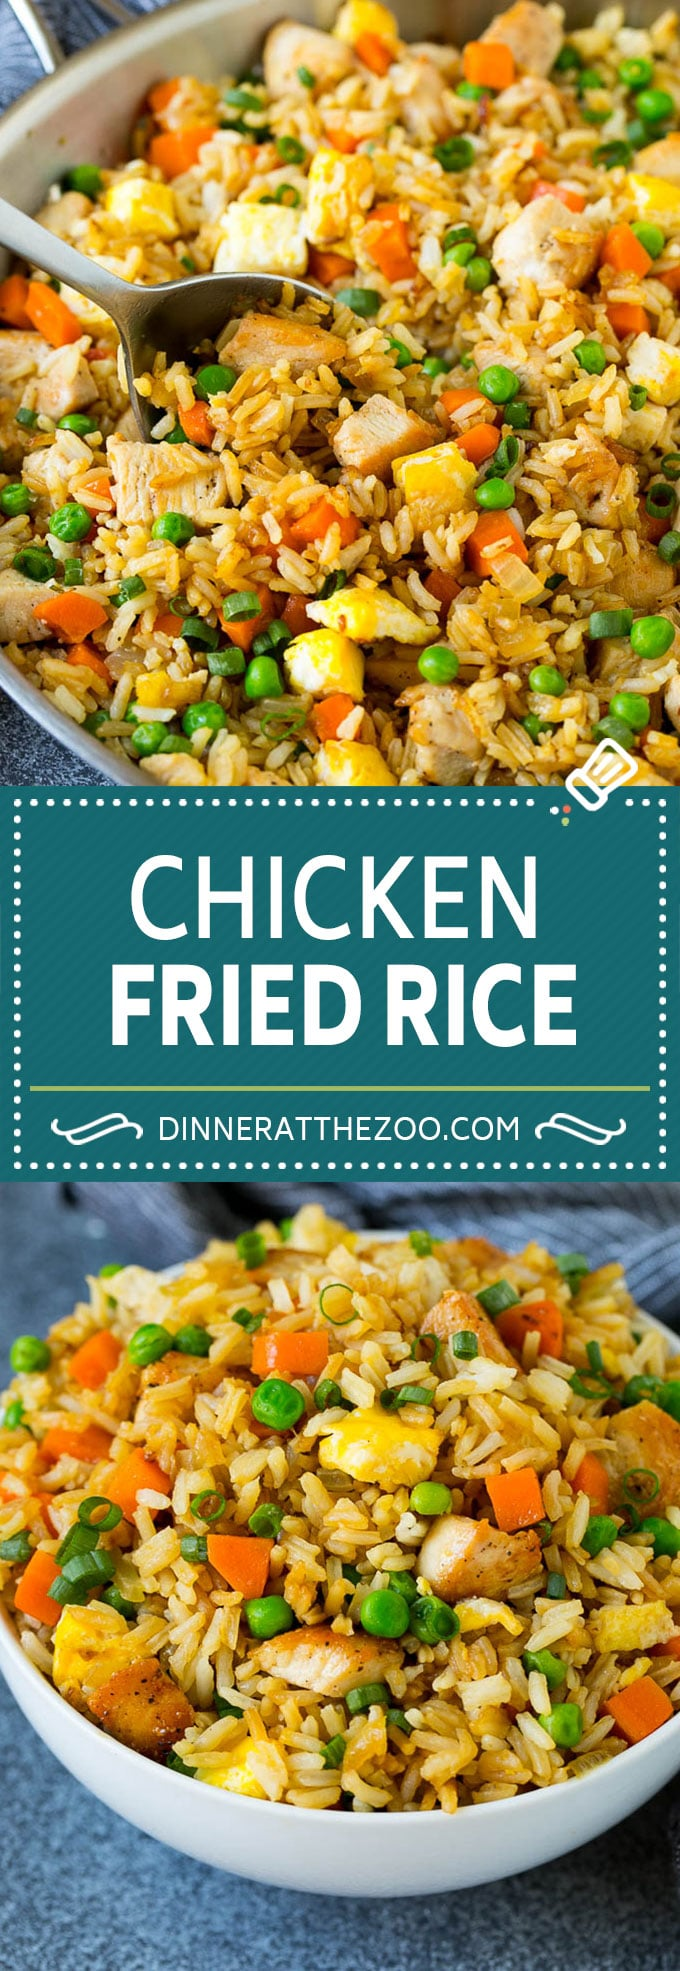 Receta de arroz con pollo frito |  Arroz frito chino # arroz # pollo # guisantes # zanahorias # guarnición # cena #dinneratthezoo